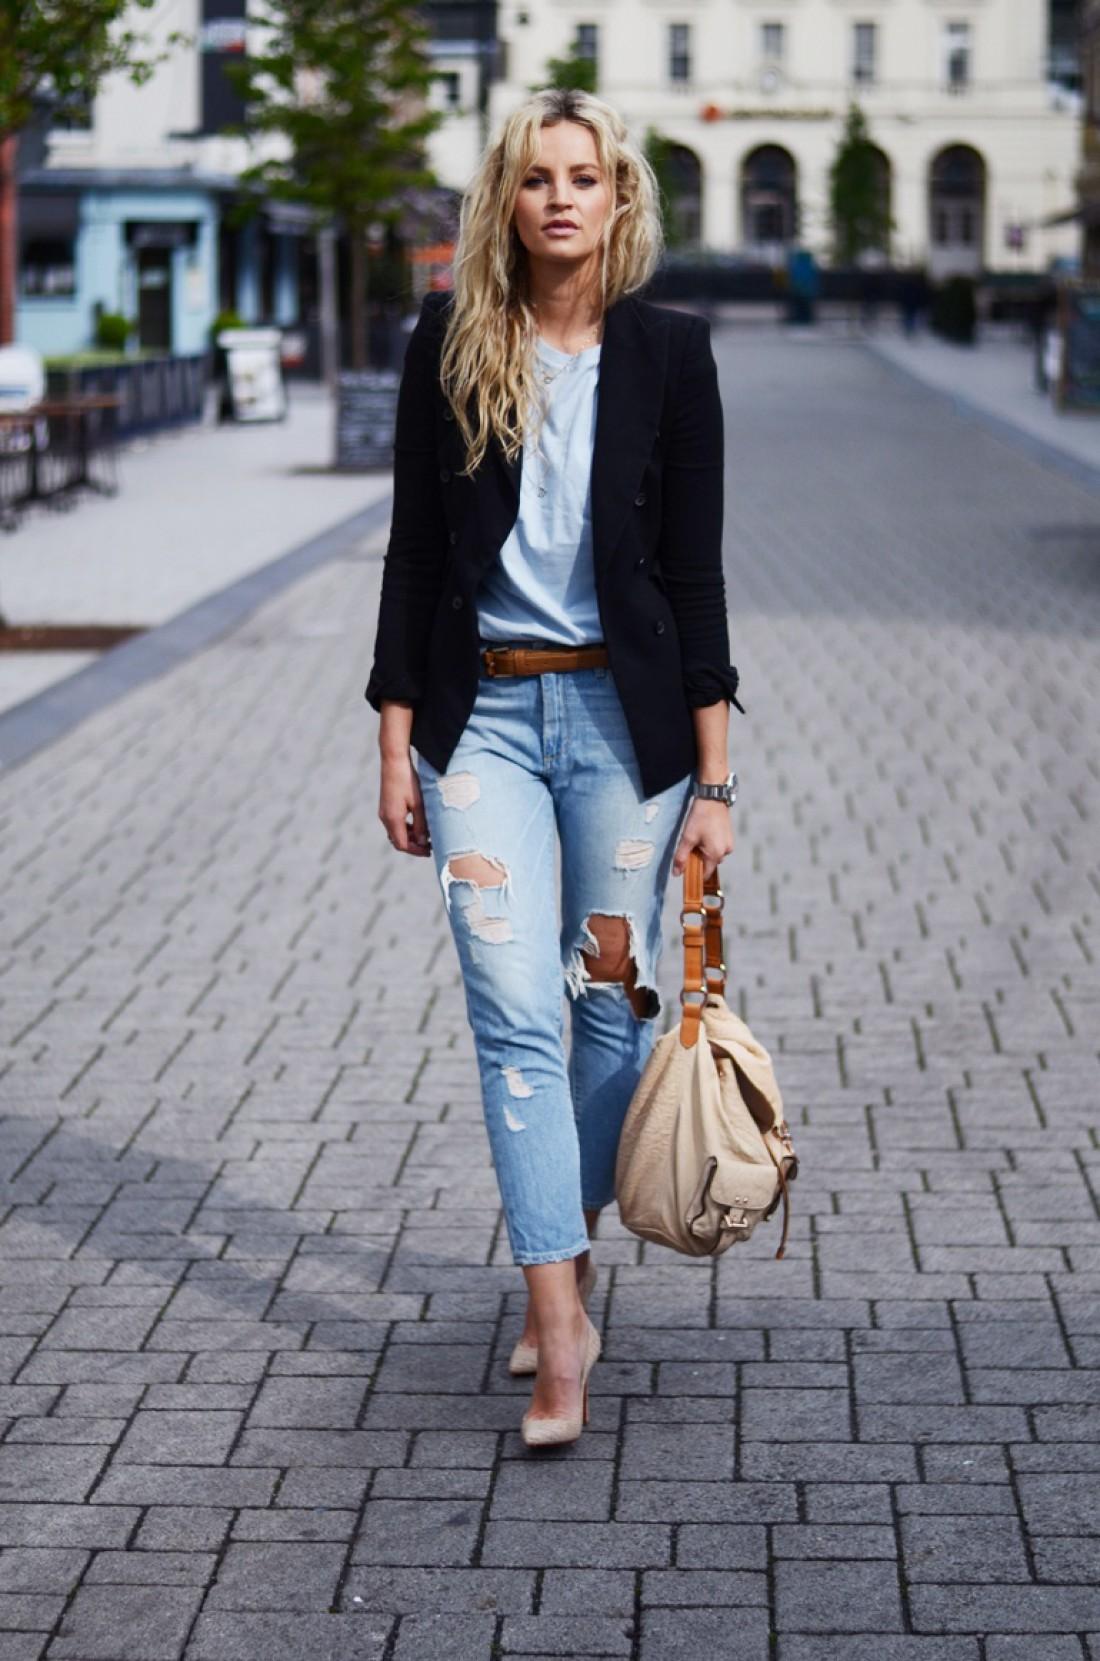 Бежевые туфли дружат и с джинсами, и с платьями